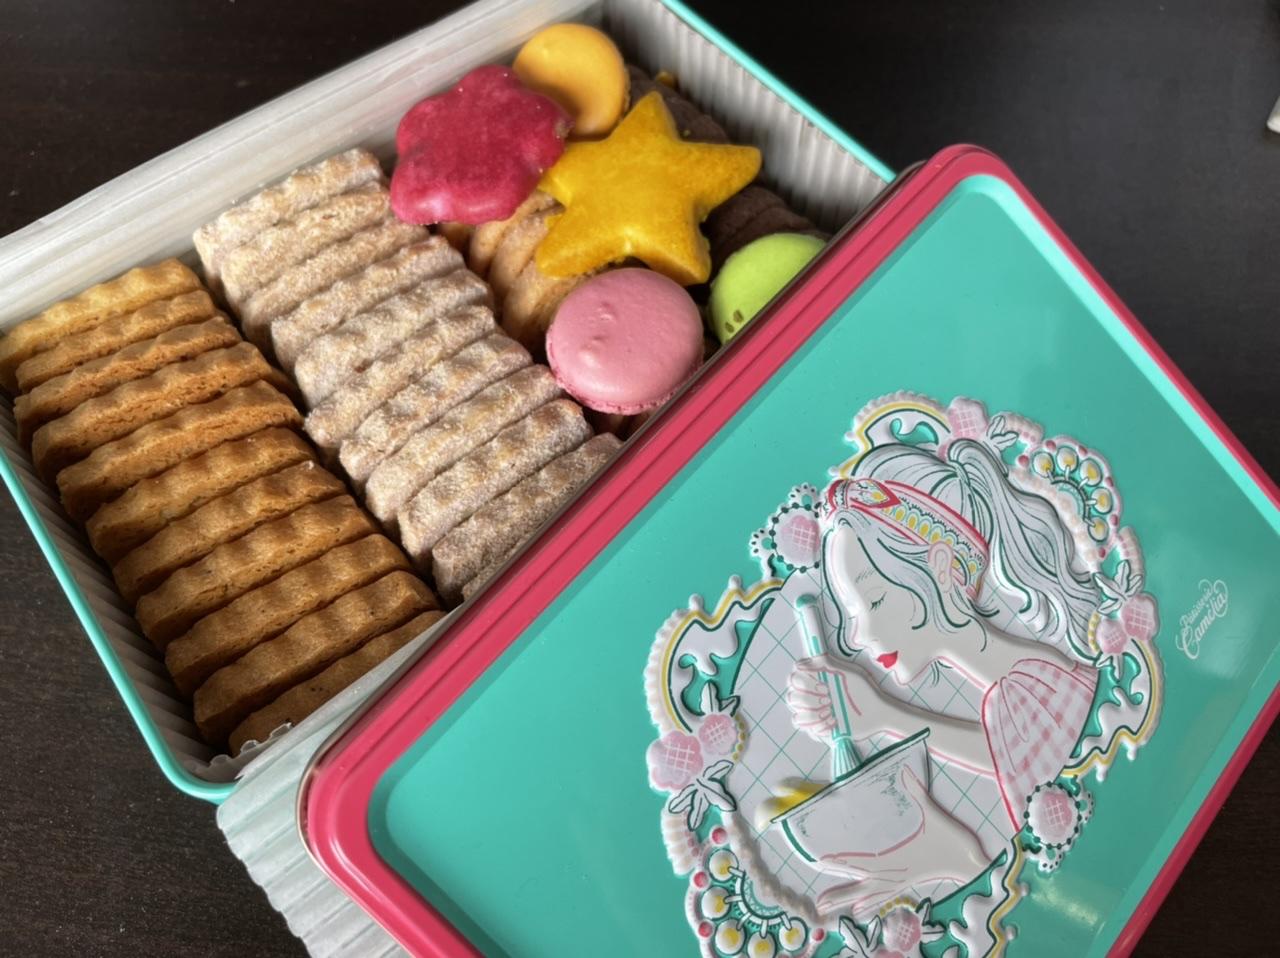 【クッキー缶】ニシイズミユカ × パティスリーカメリア銀座 コラボクッキー缶がかわいい_3